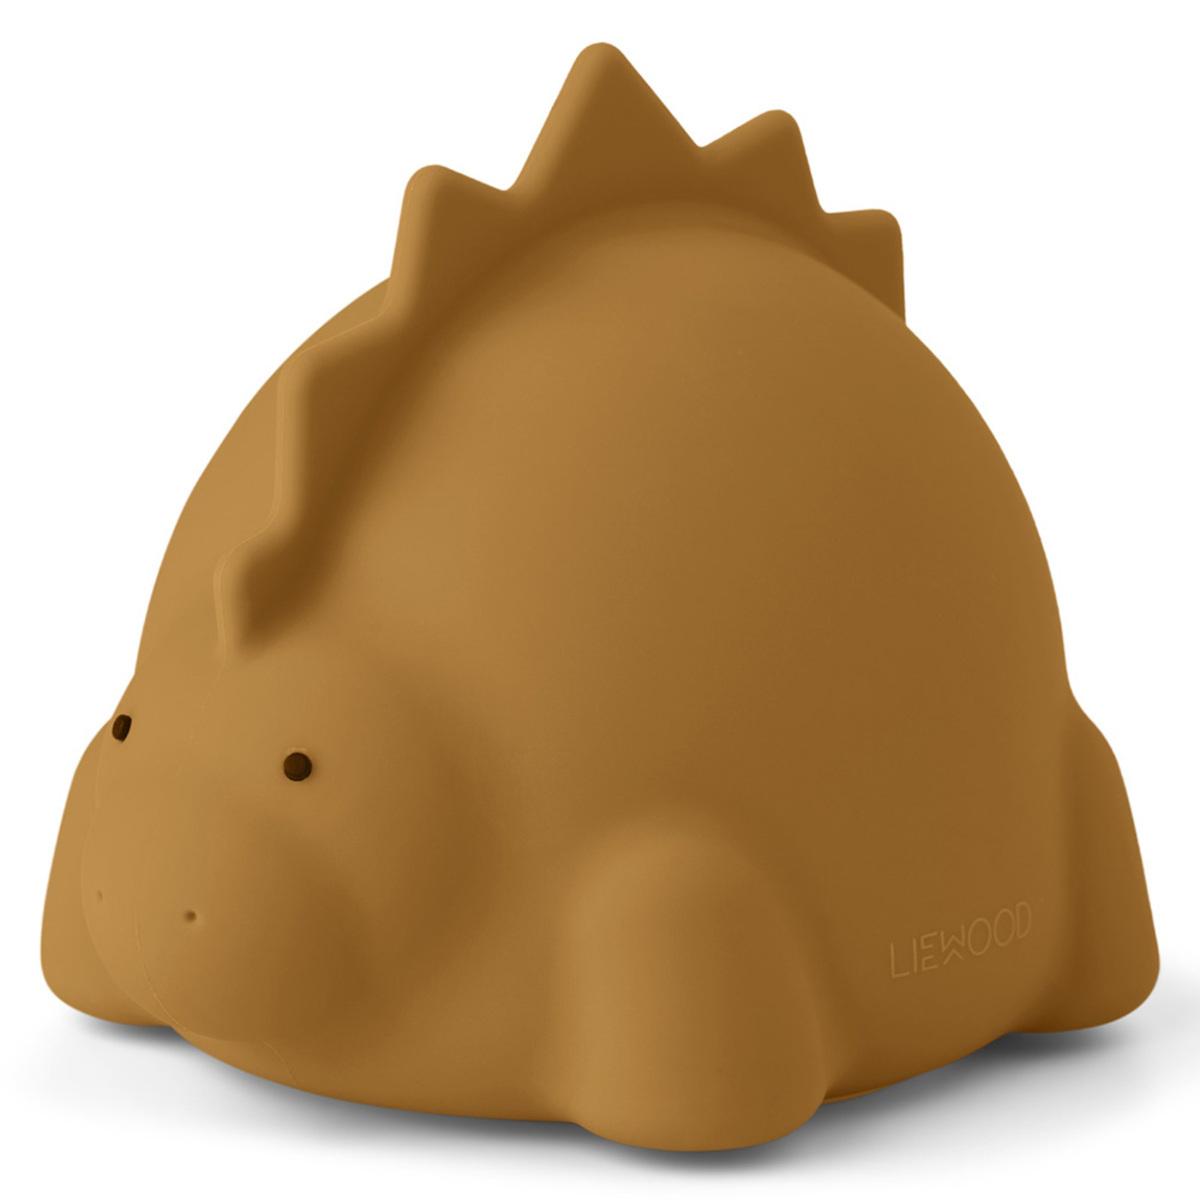 Veilleuse Veilleuse Winston - Dino Mustard Veilleuse Winston - Dino Mustard